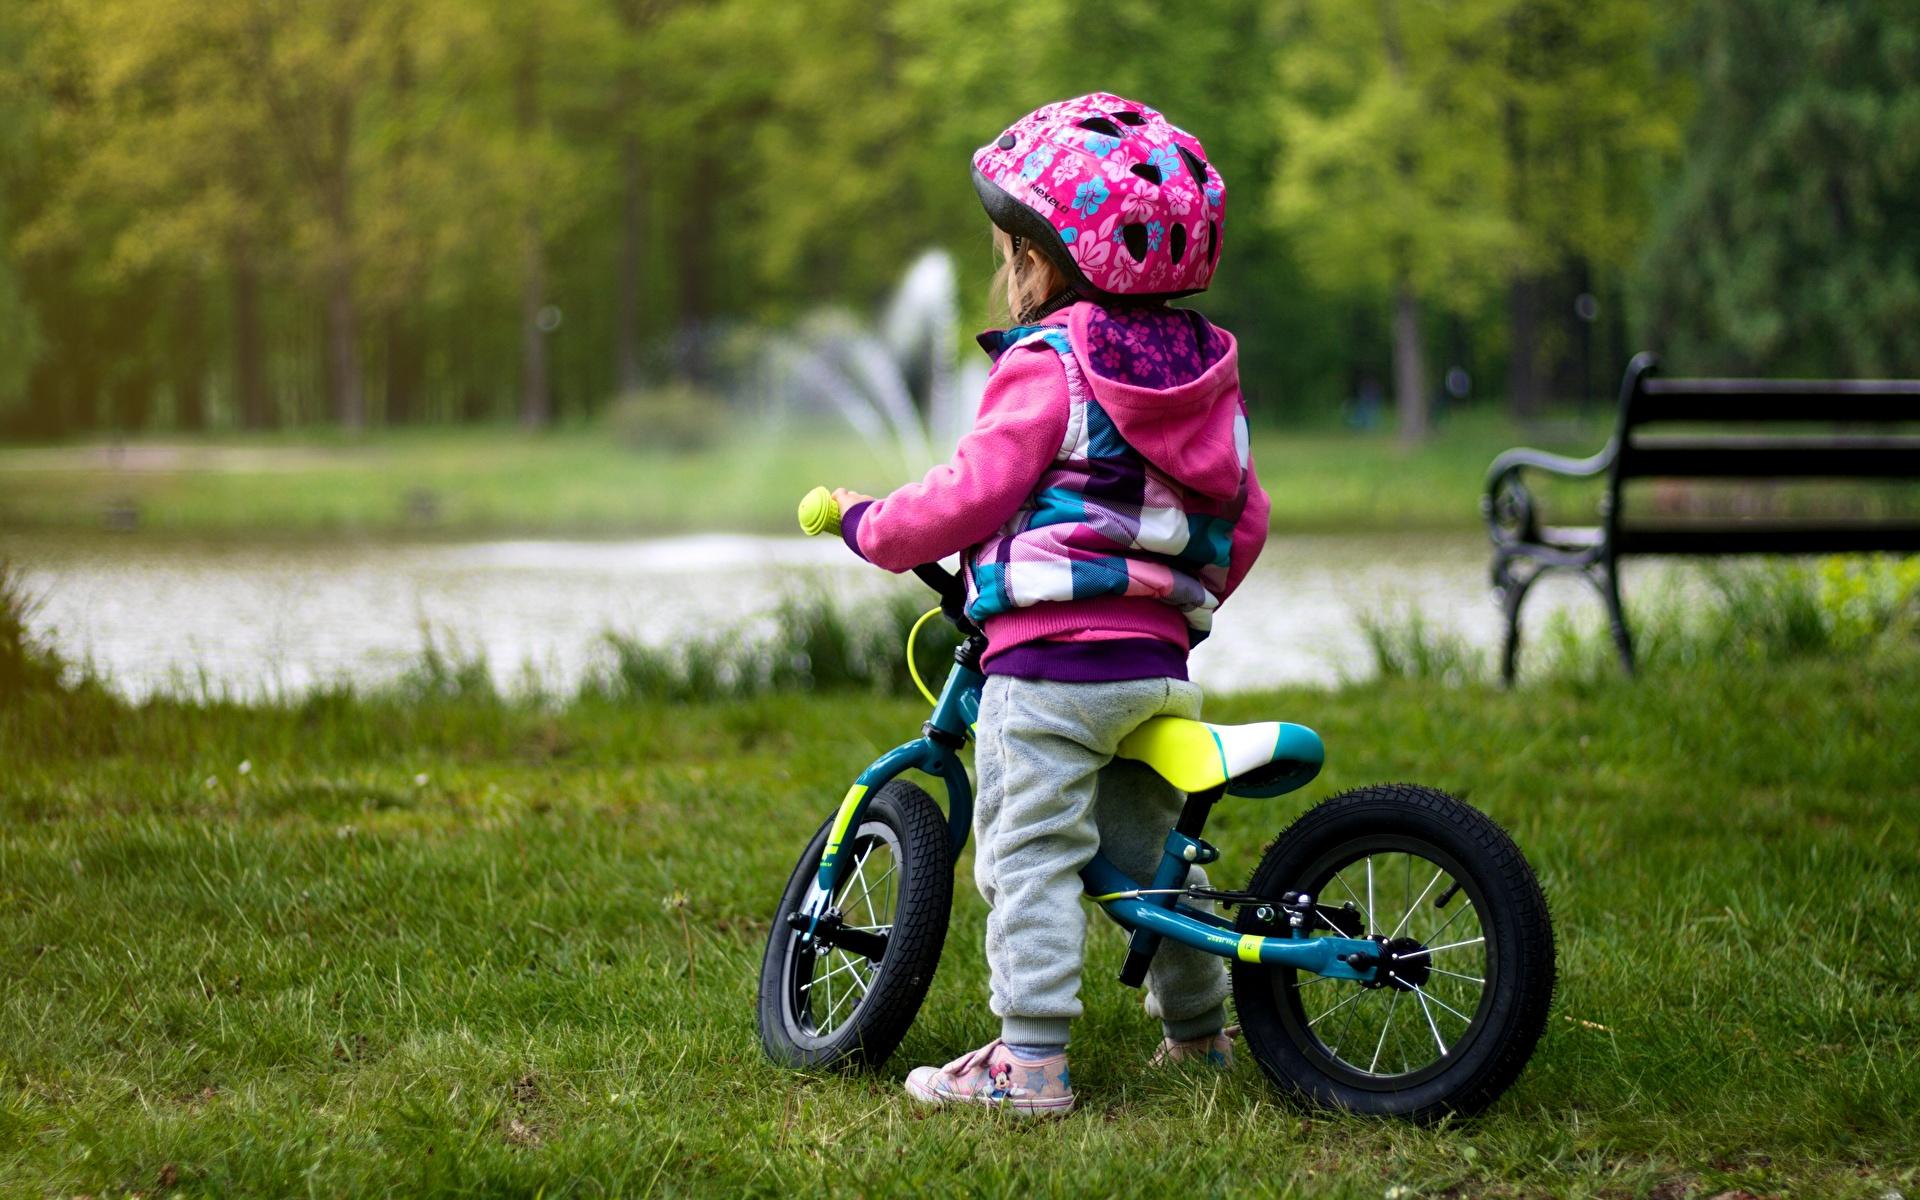 Bilder Kleine Mädchen Helm kind fahrräder Gras 1920x1200 Kinder Fahrrad